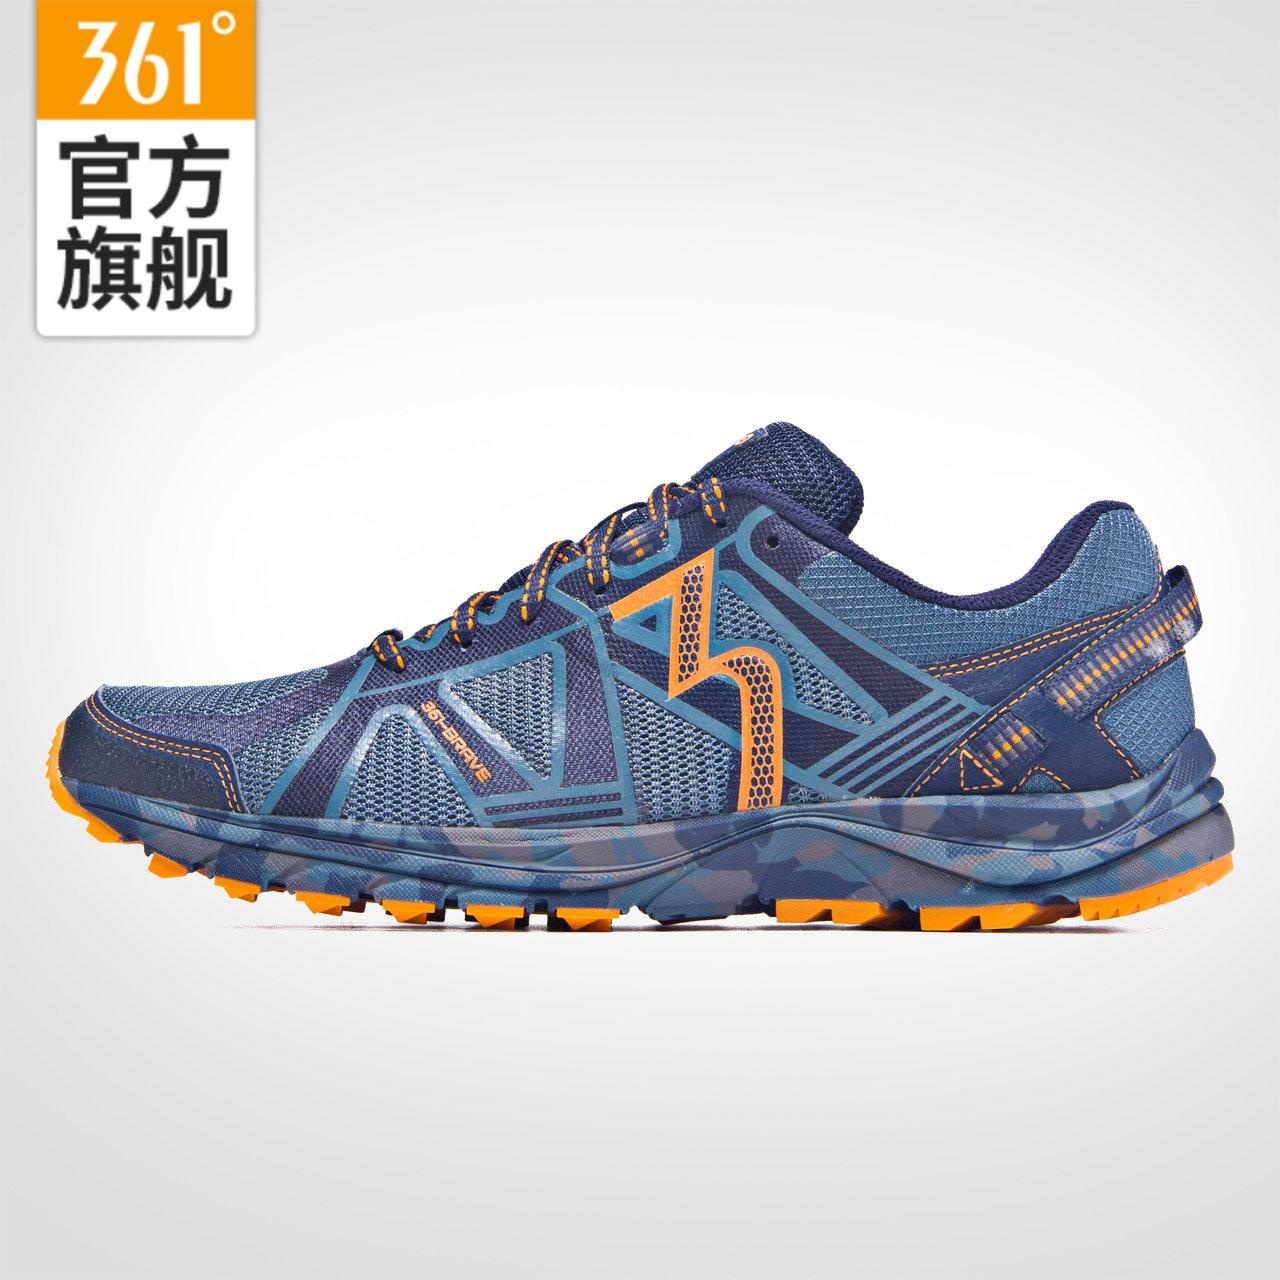 361度春秋季新款BRAVE国际款专业跑鞋361缓震透气马拉松跑步鞋男